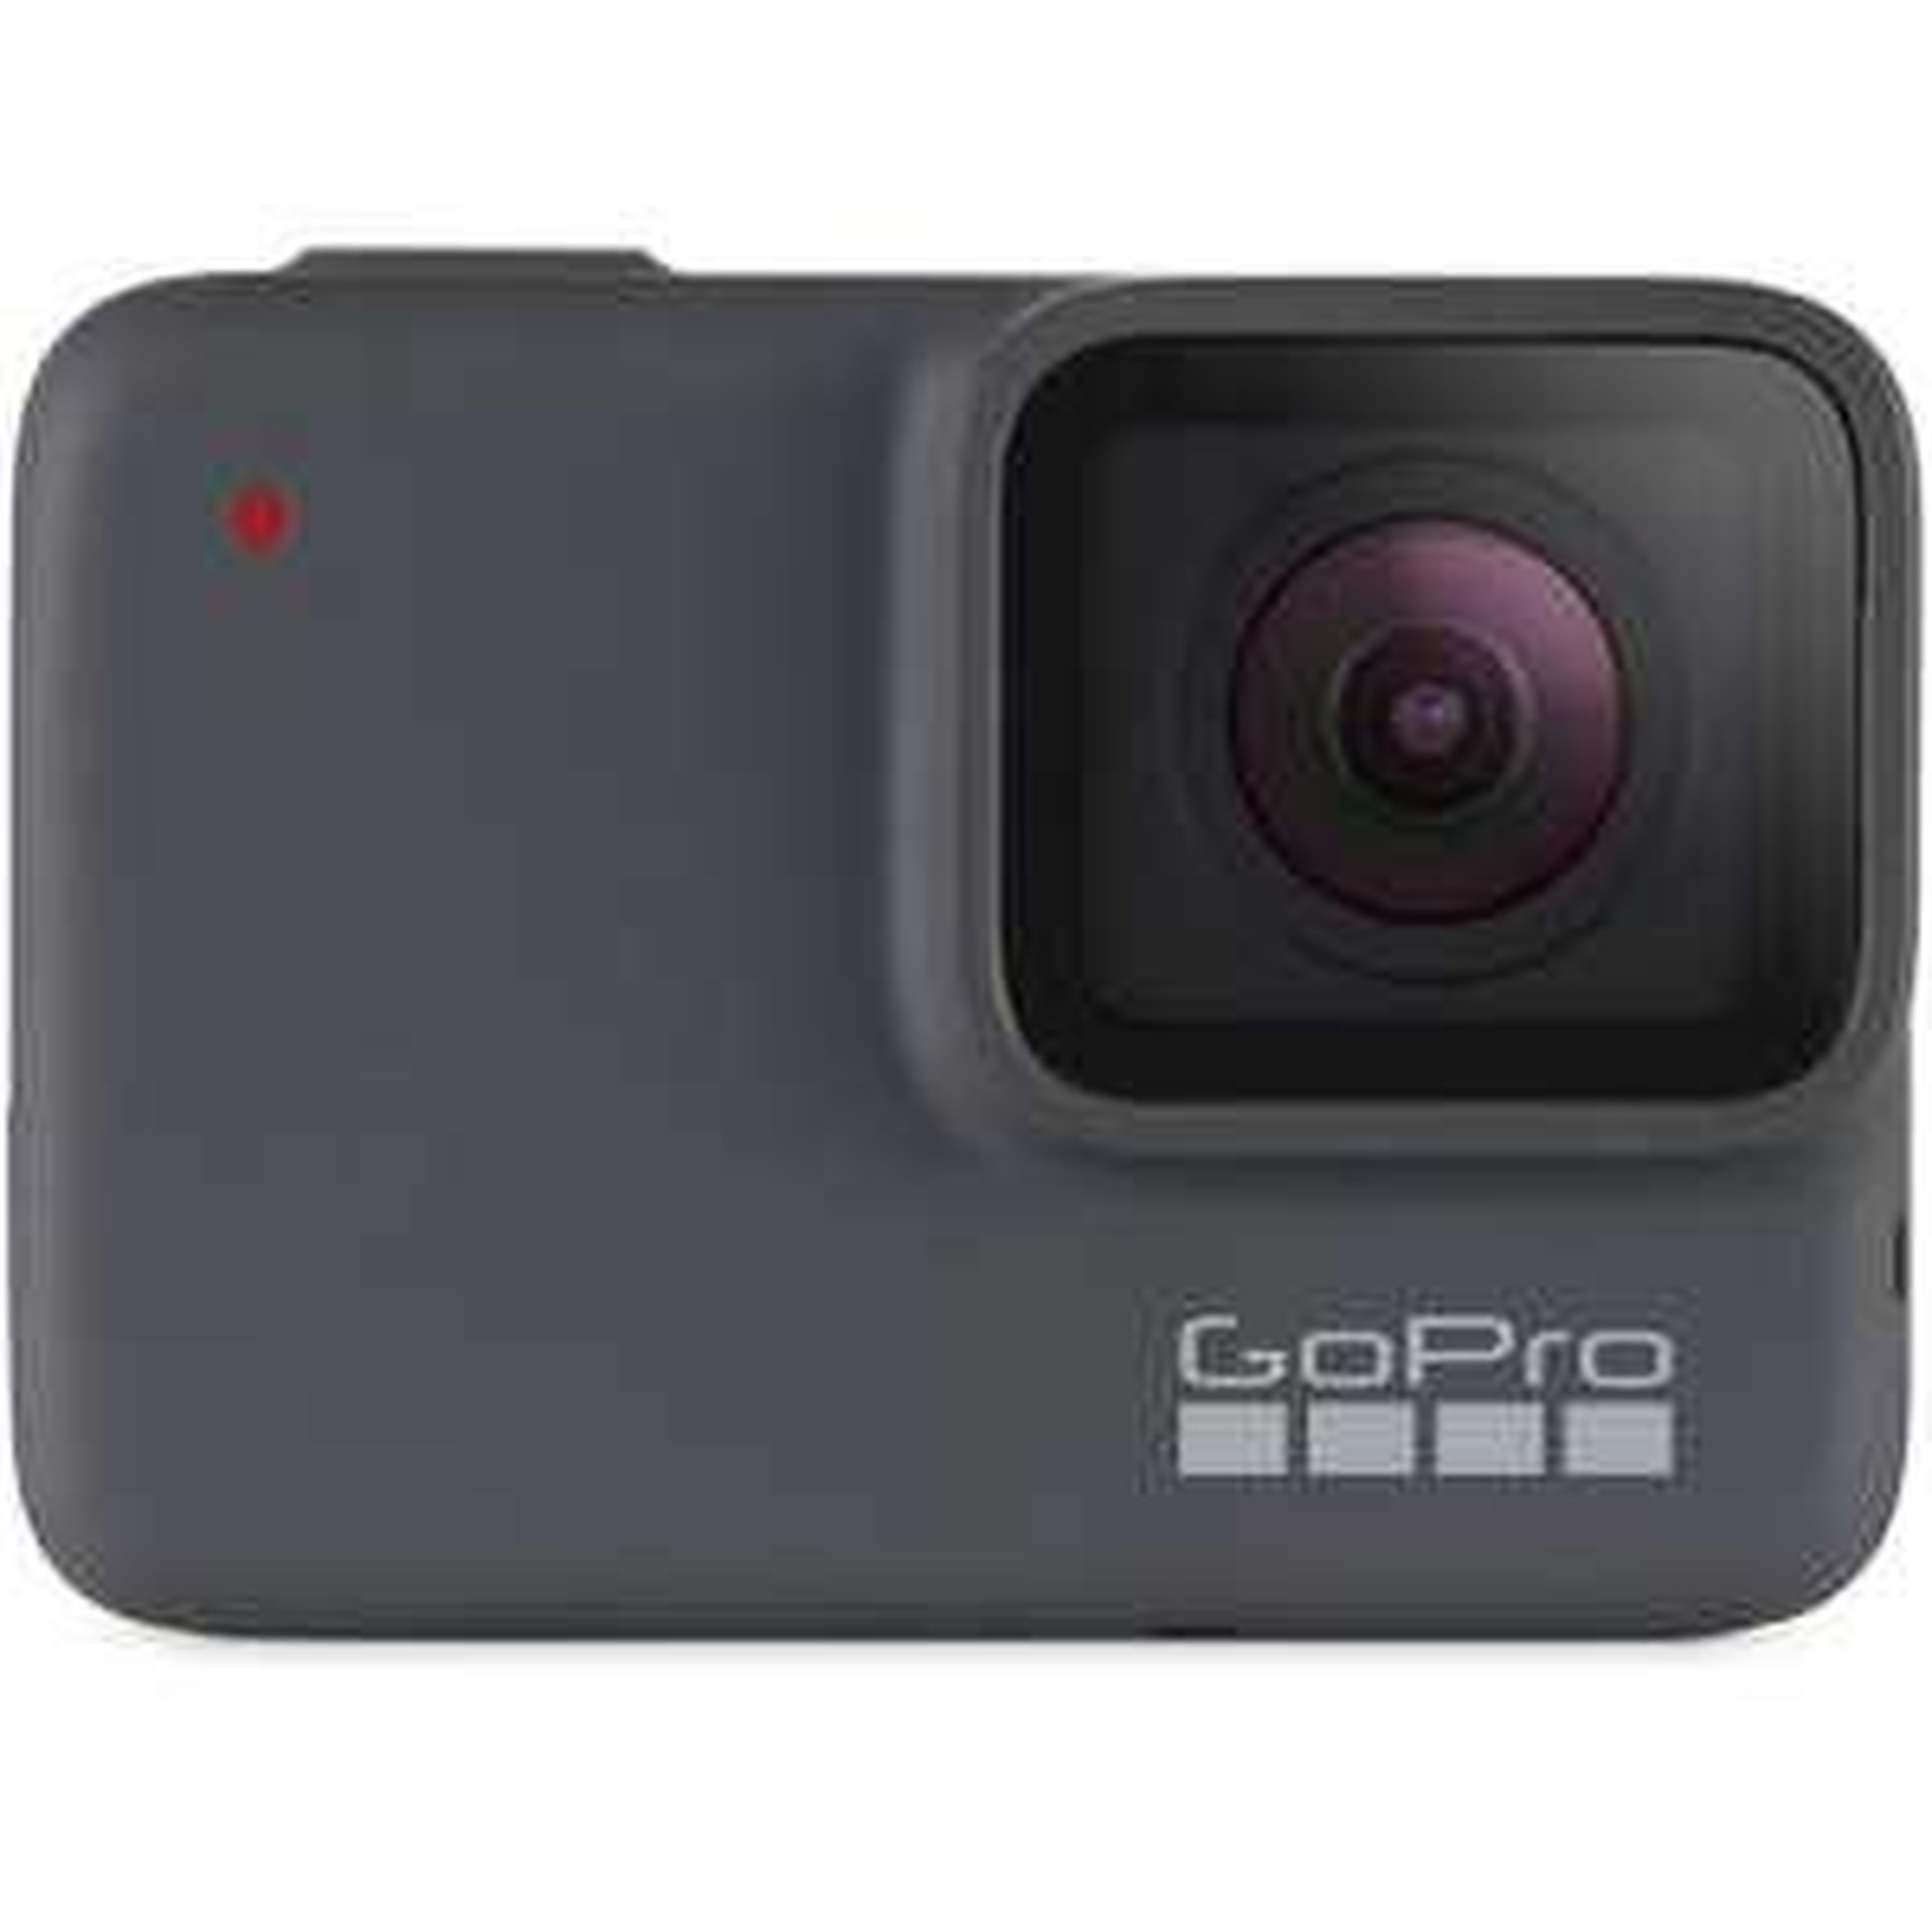 [Studenten] GoPro Hero 7 Silver + SanDisk Extreme 32GB bei GoPro Deutschland